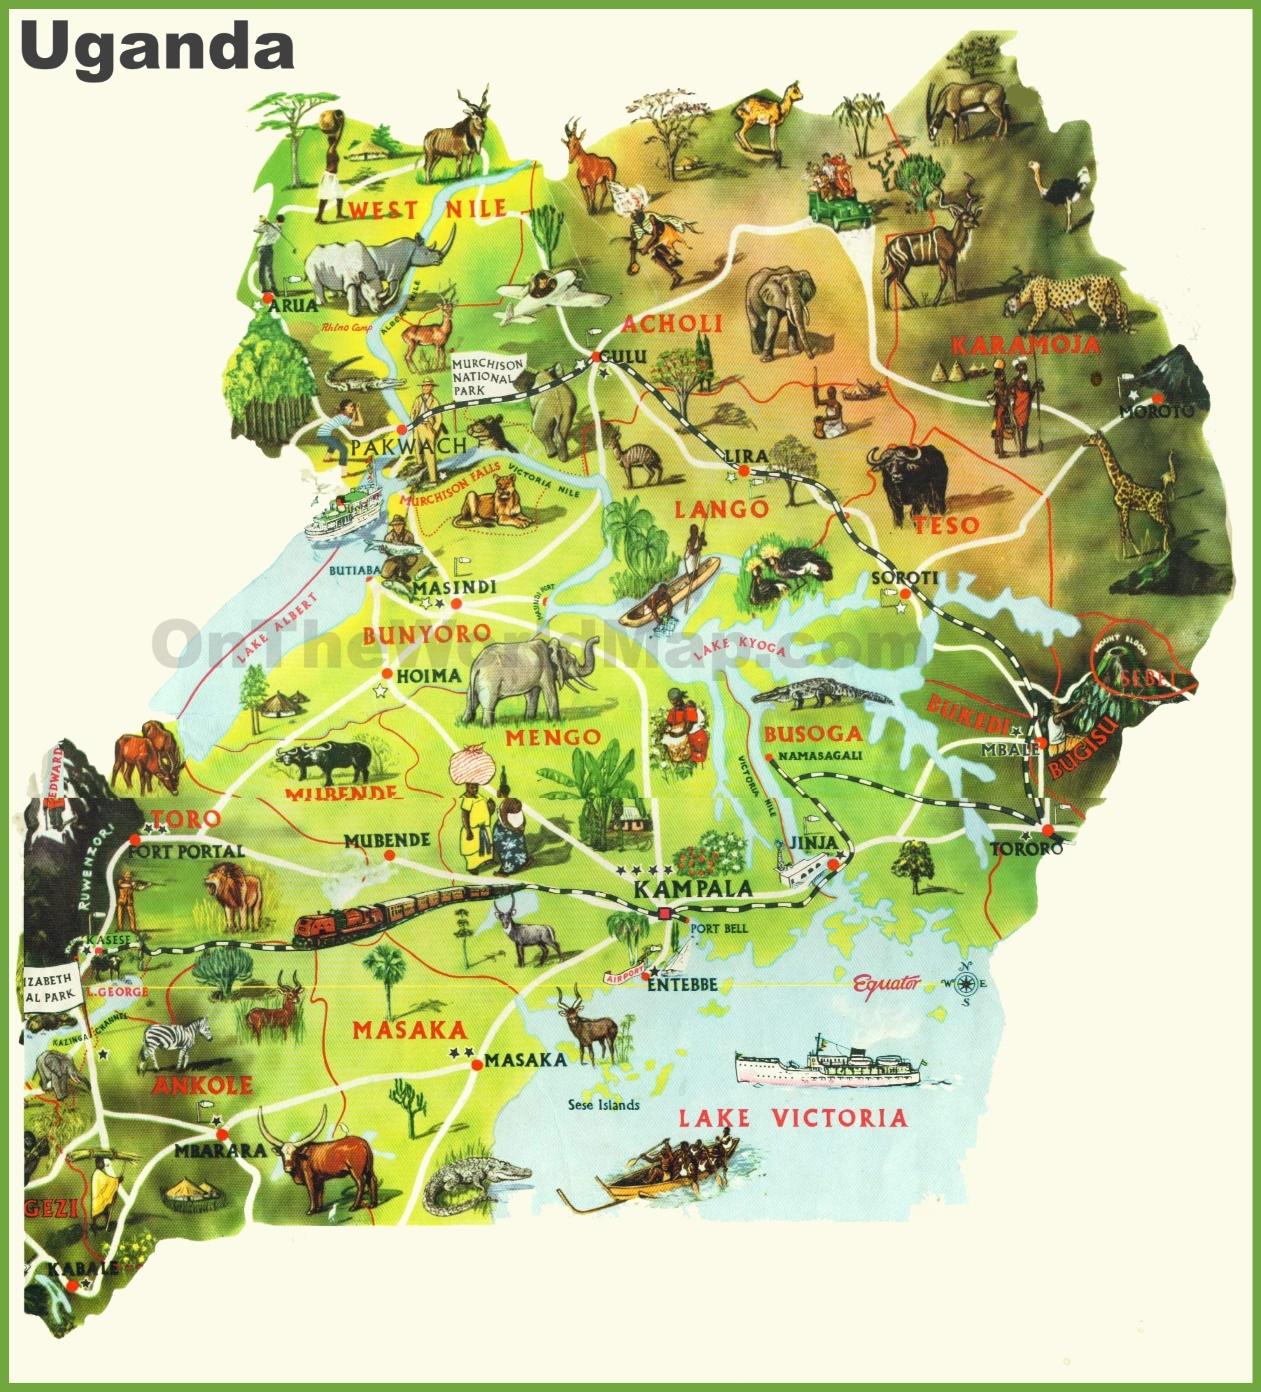 Uganda Maps | Maps of Uganda